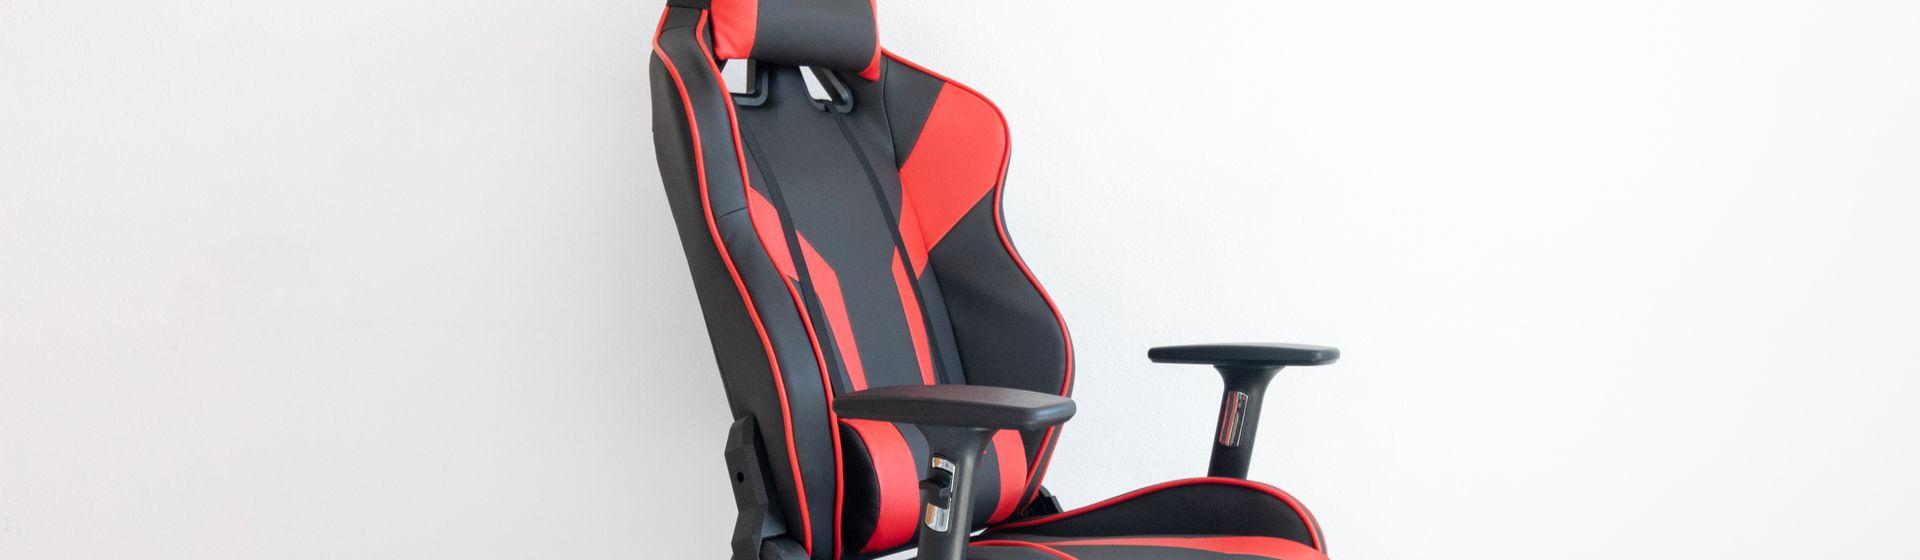 Melhor cadeira gamer de tecido para comprar em 2021: veja 4 modelos